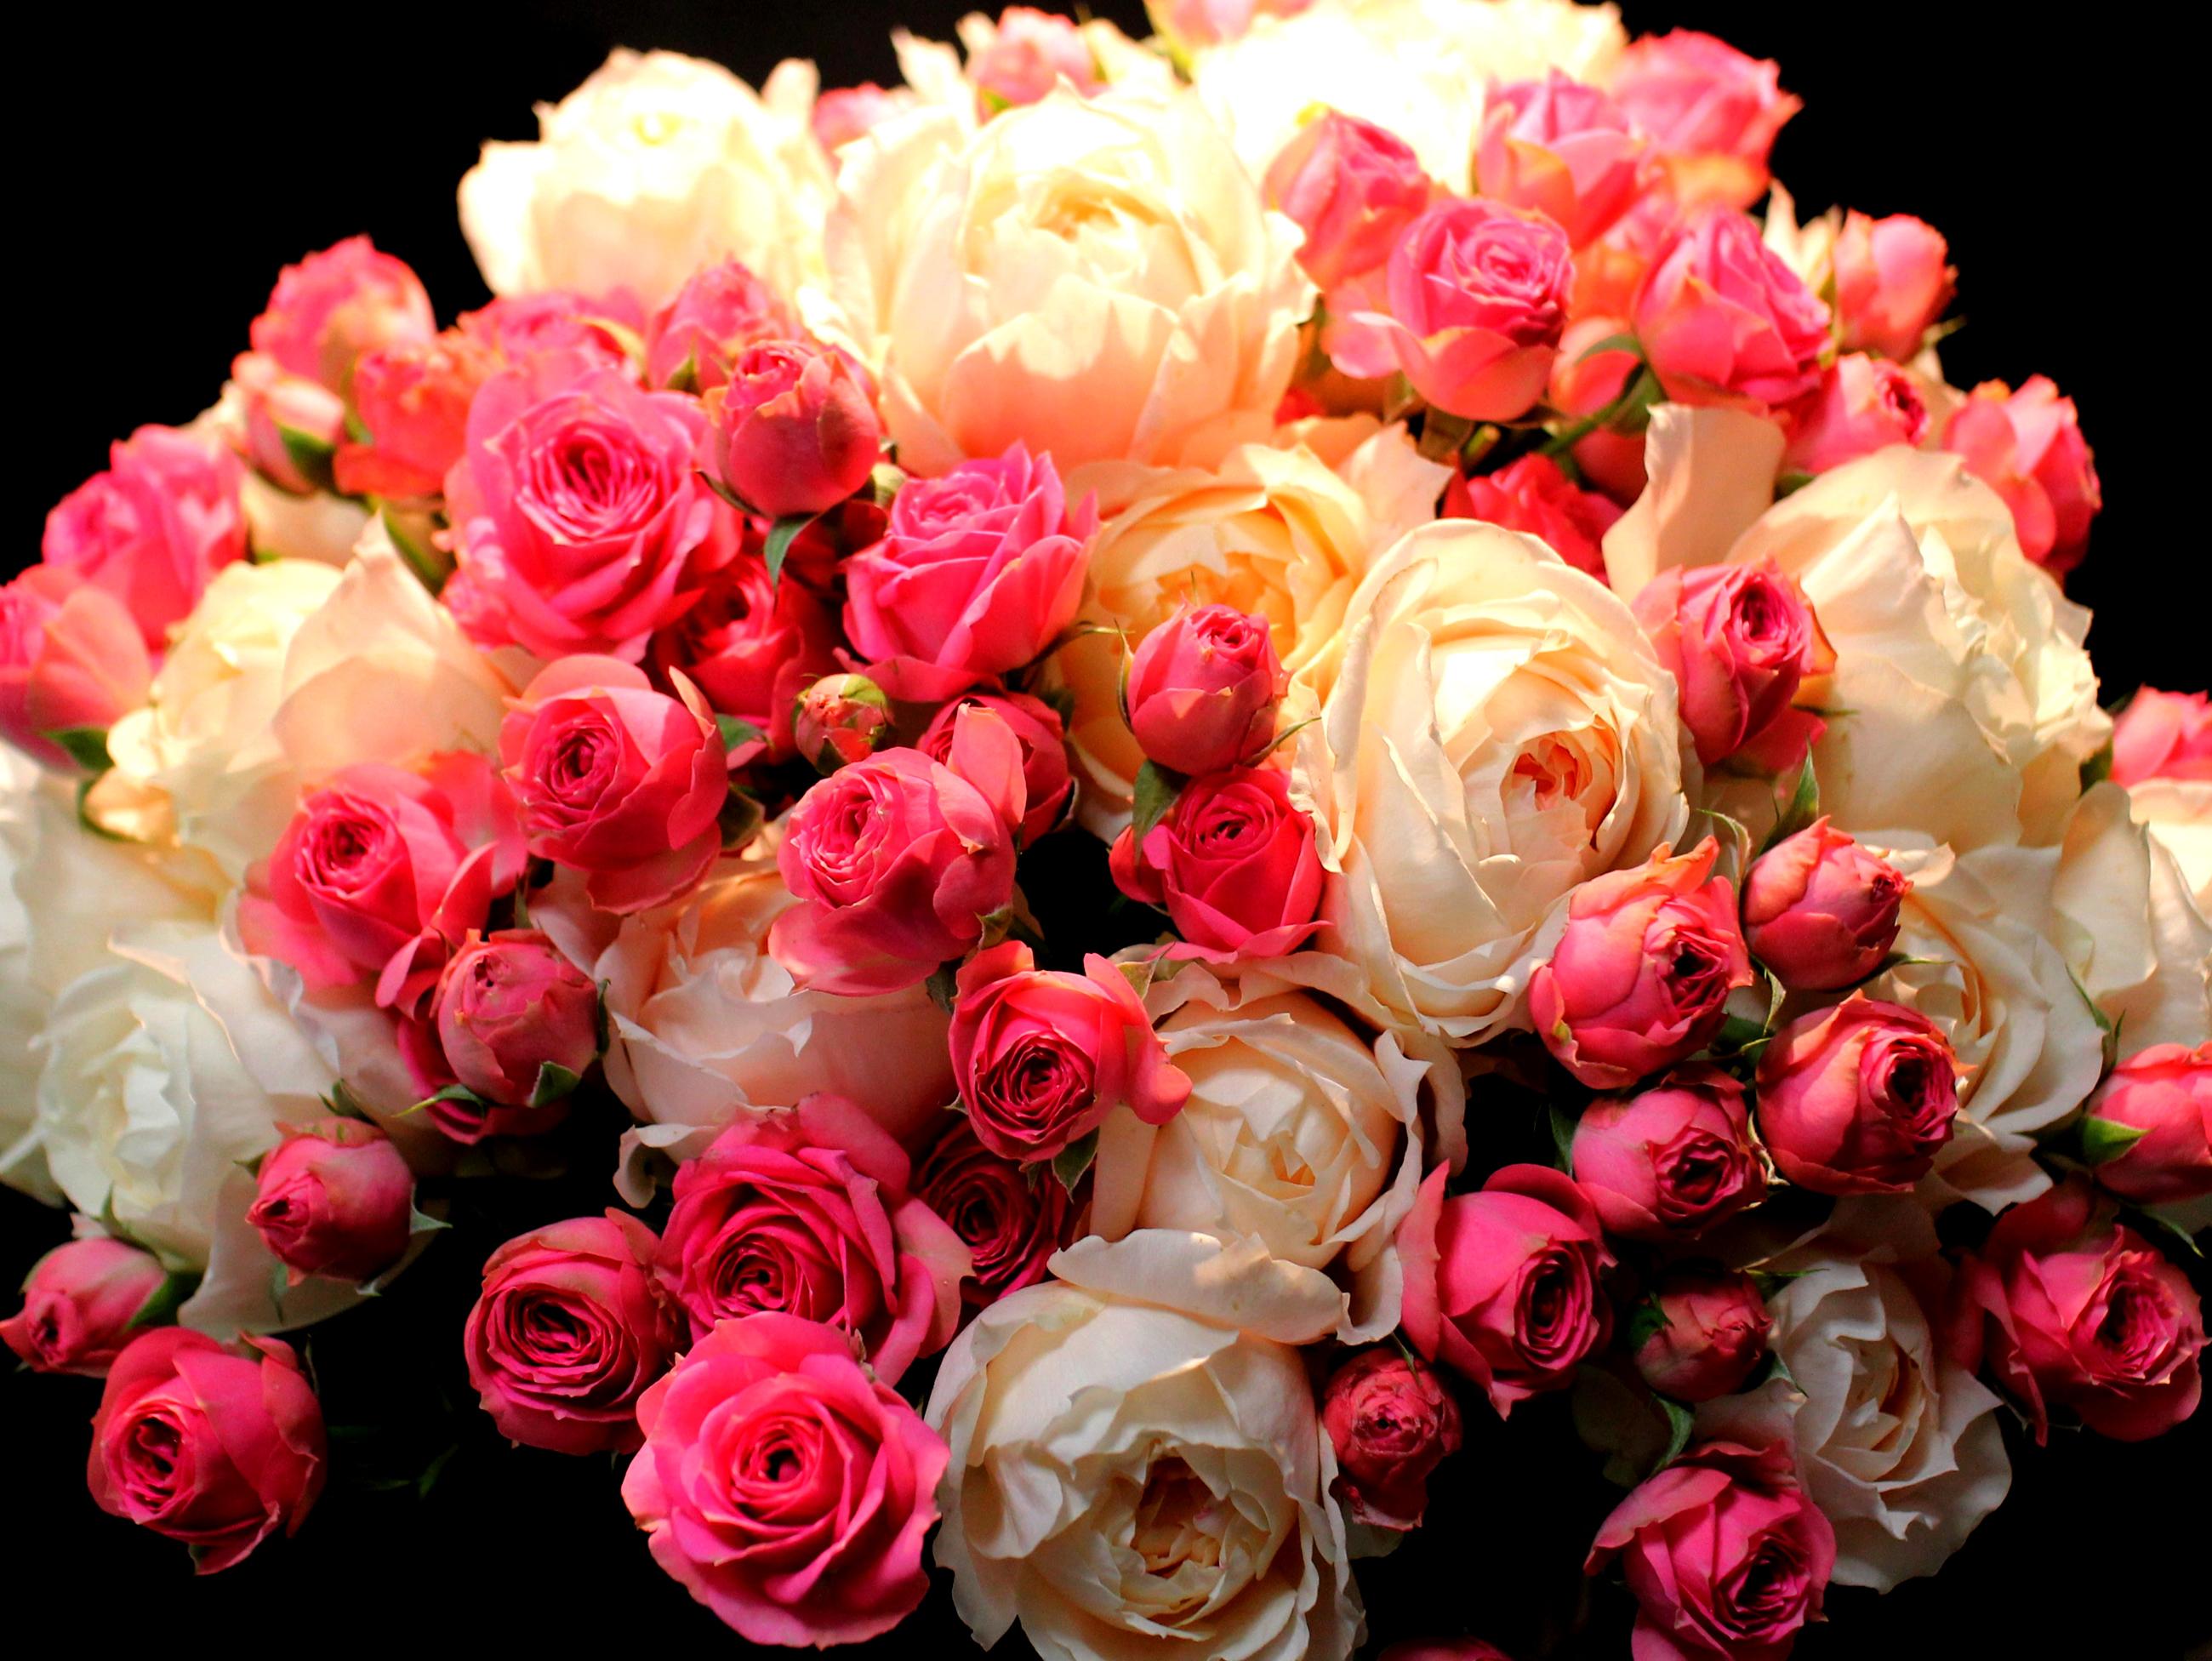 Фото цветы розы букеты большие картинки